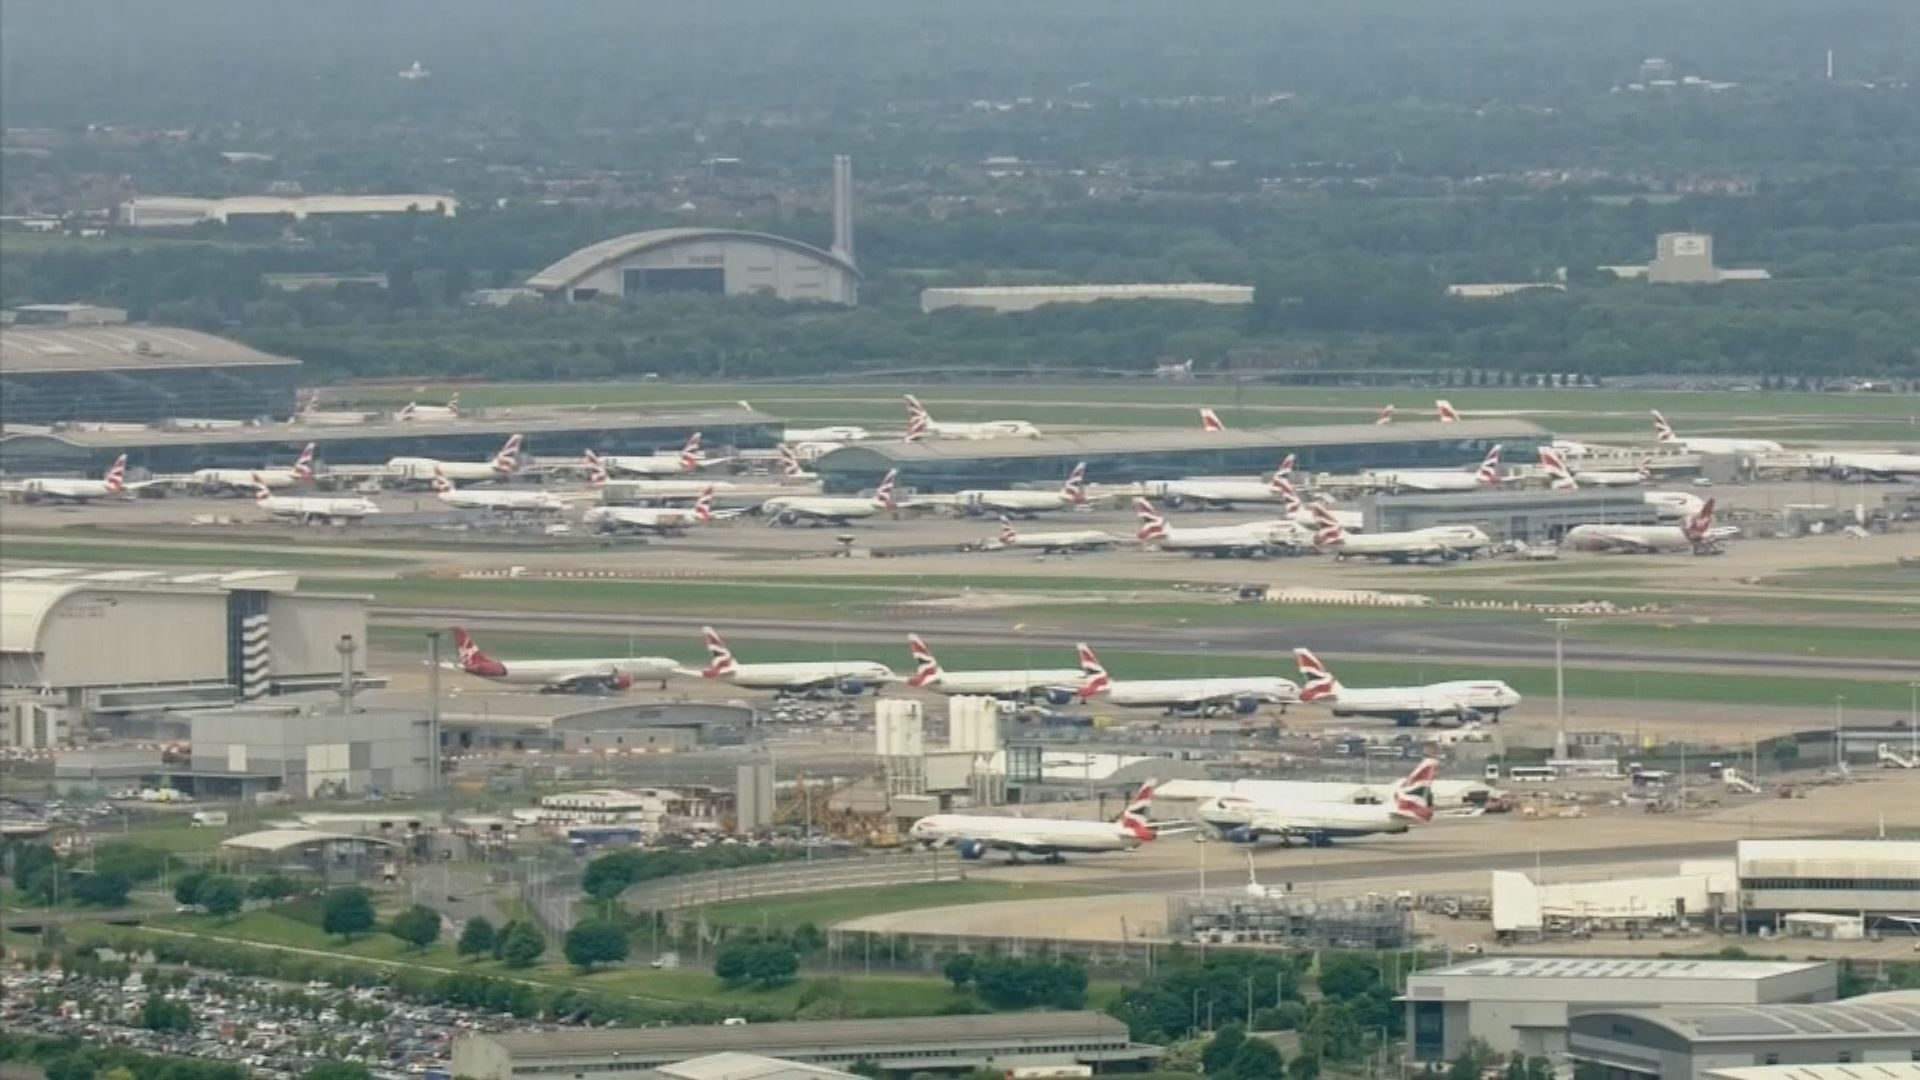 入境英國旅客今起須自我隔離14天 航空界反對